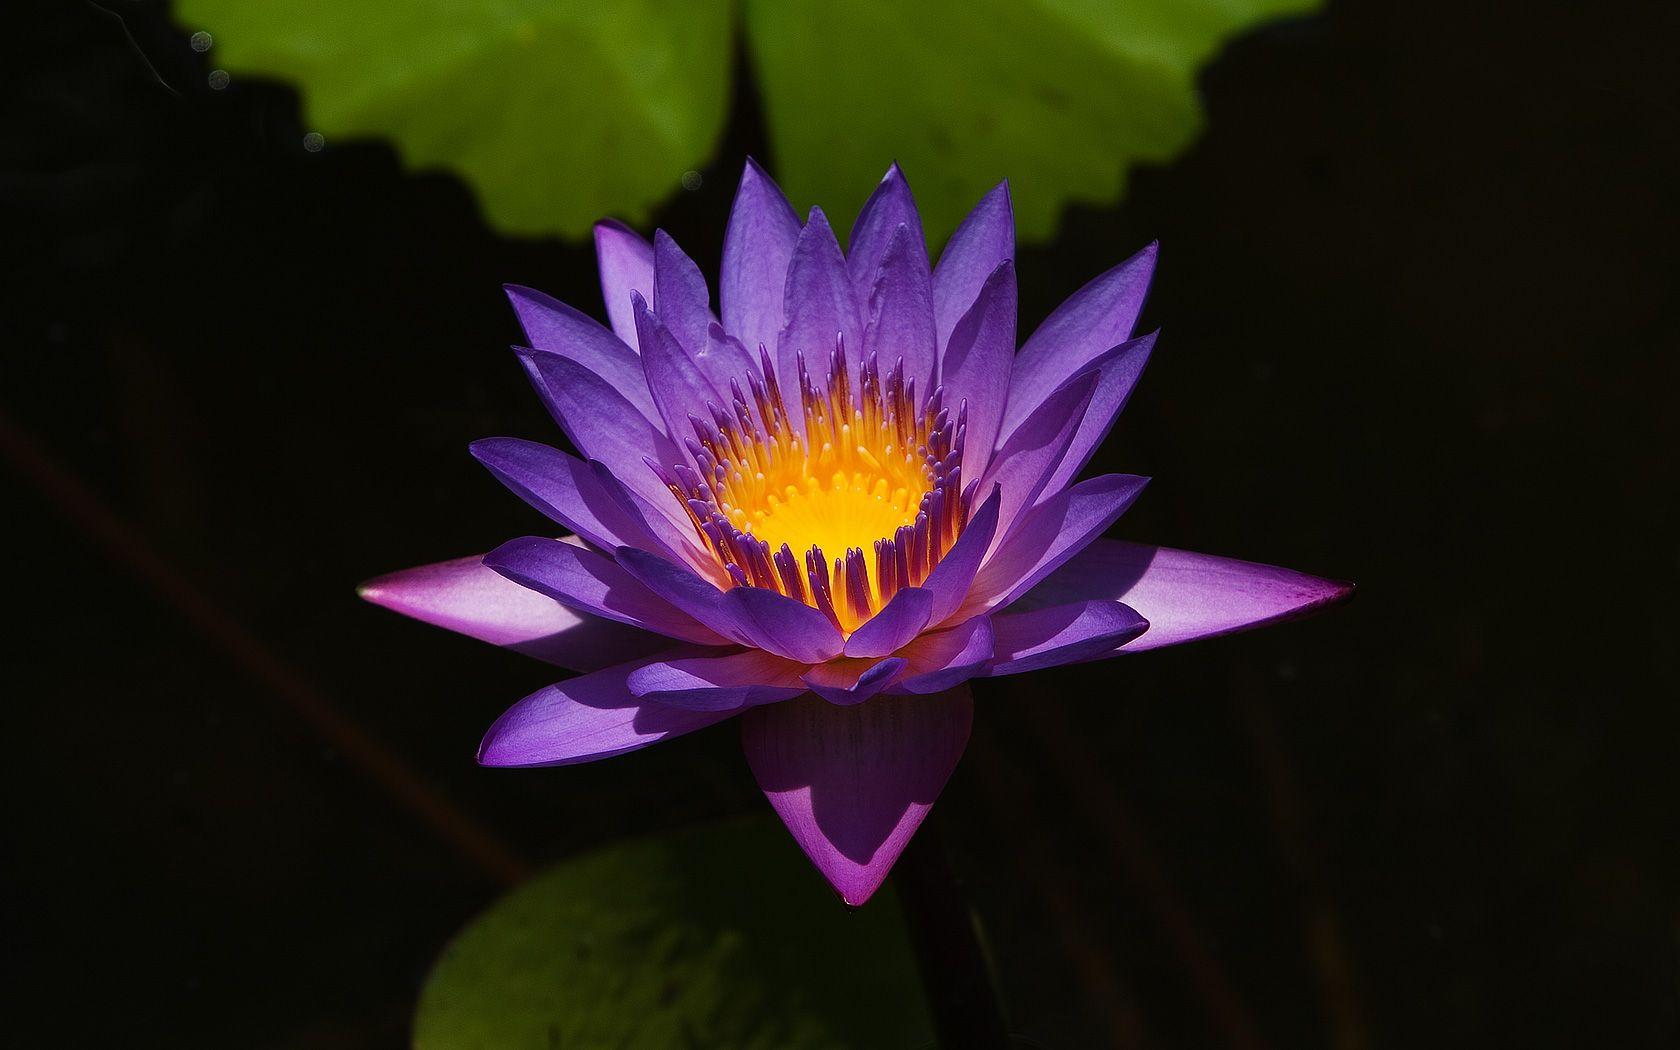 Lotus flower purple flowers hd wallpaper inspiring art pinterest lotus flower purple flowers hd wallpaper mightylinksfo